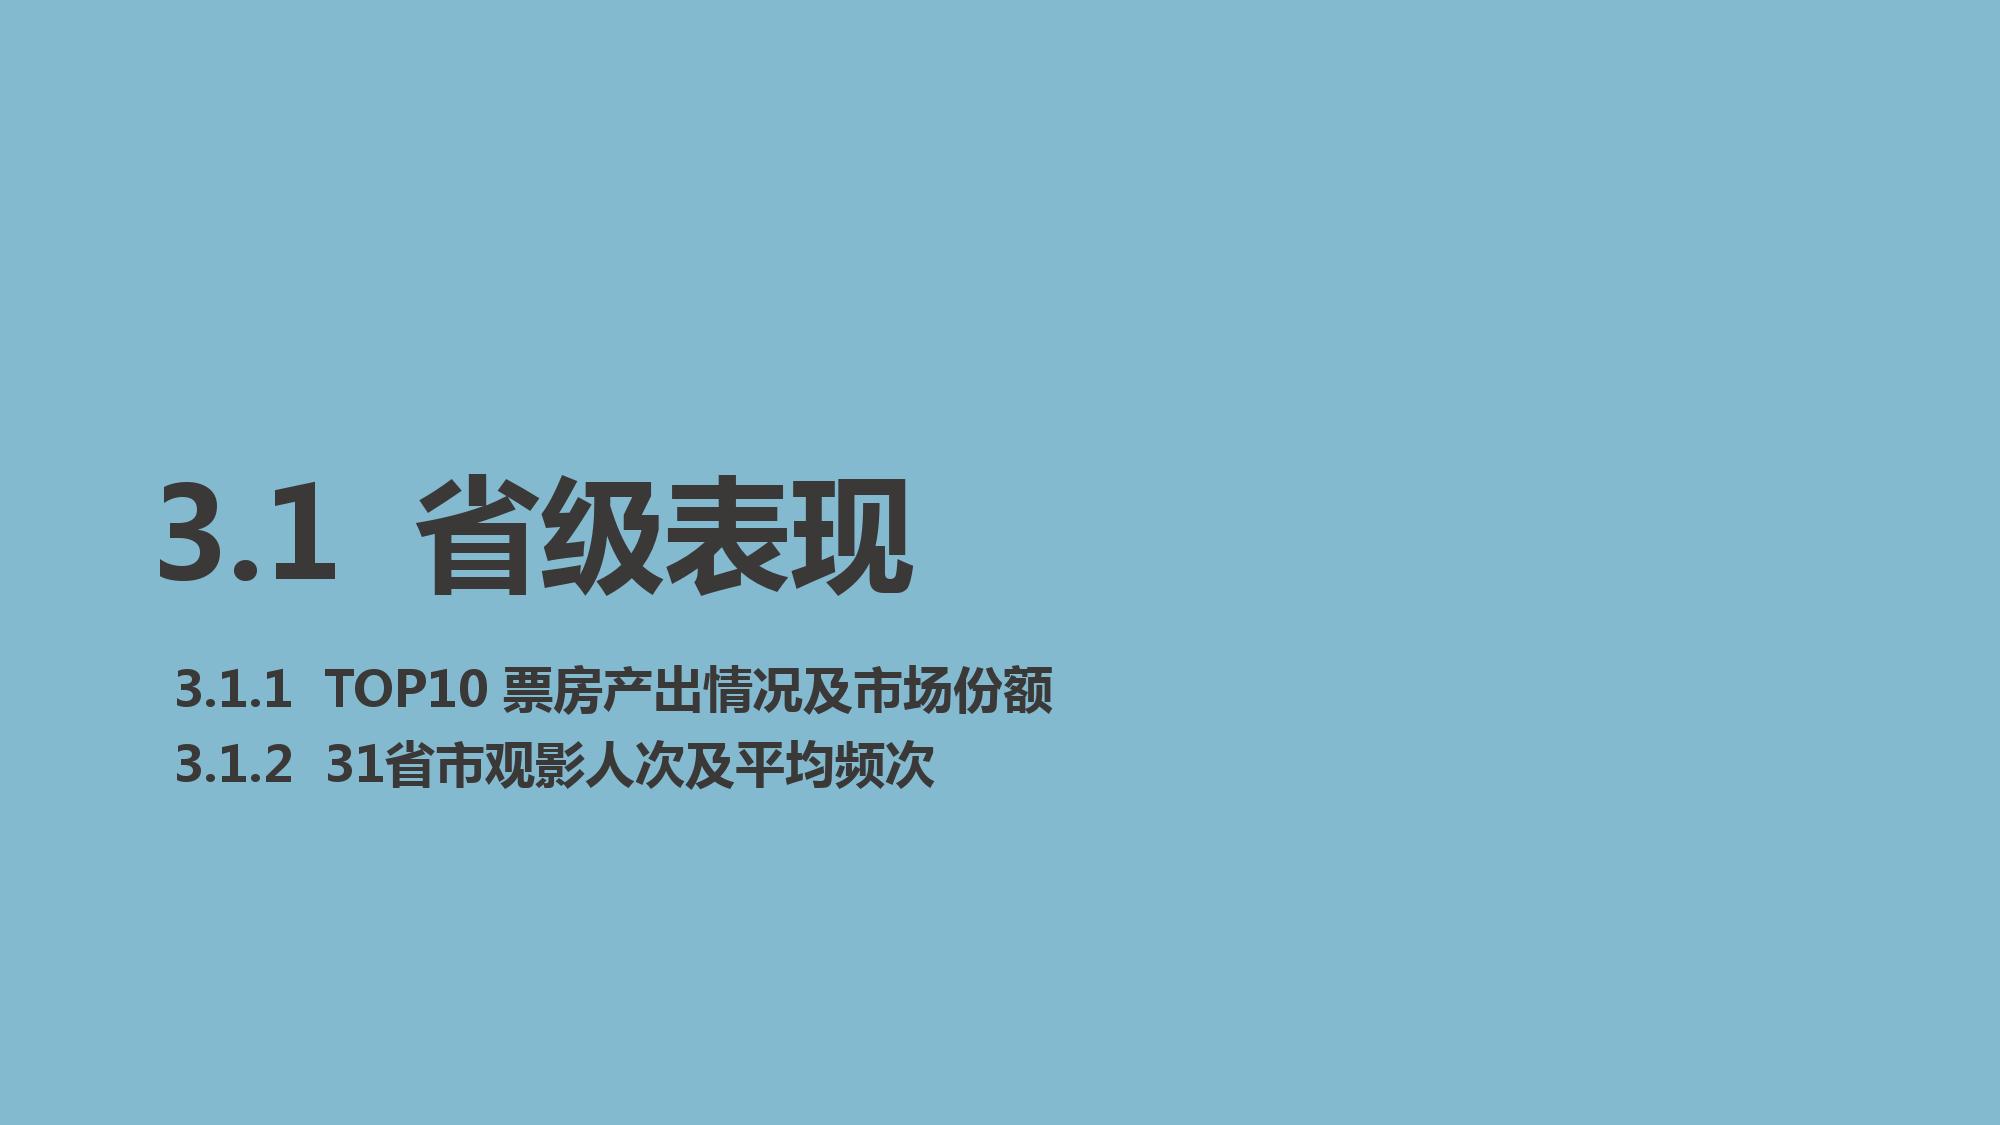 2015年度中国电影产业报告_000039